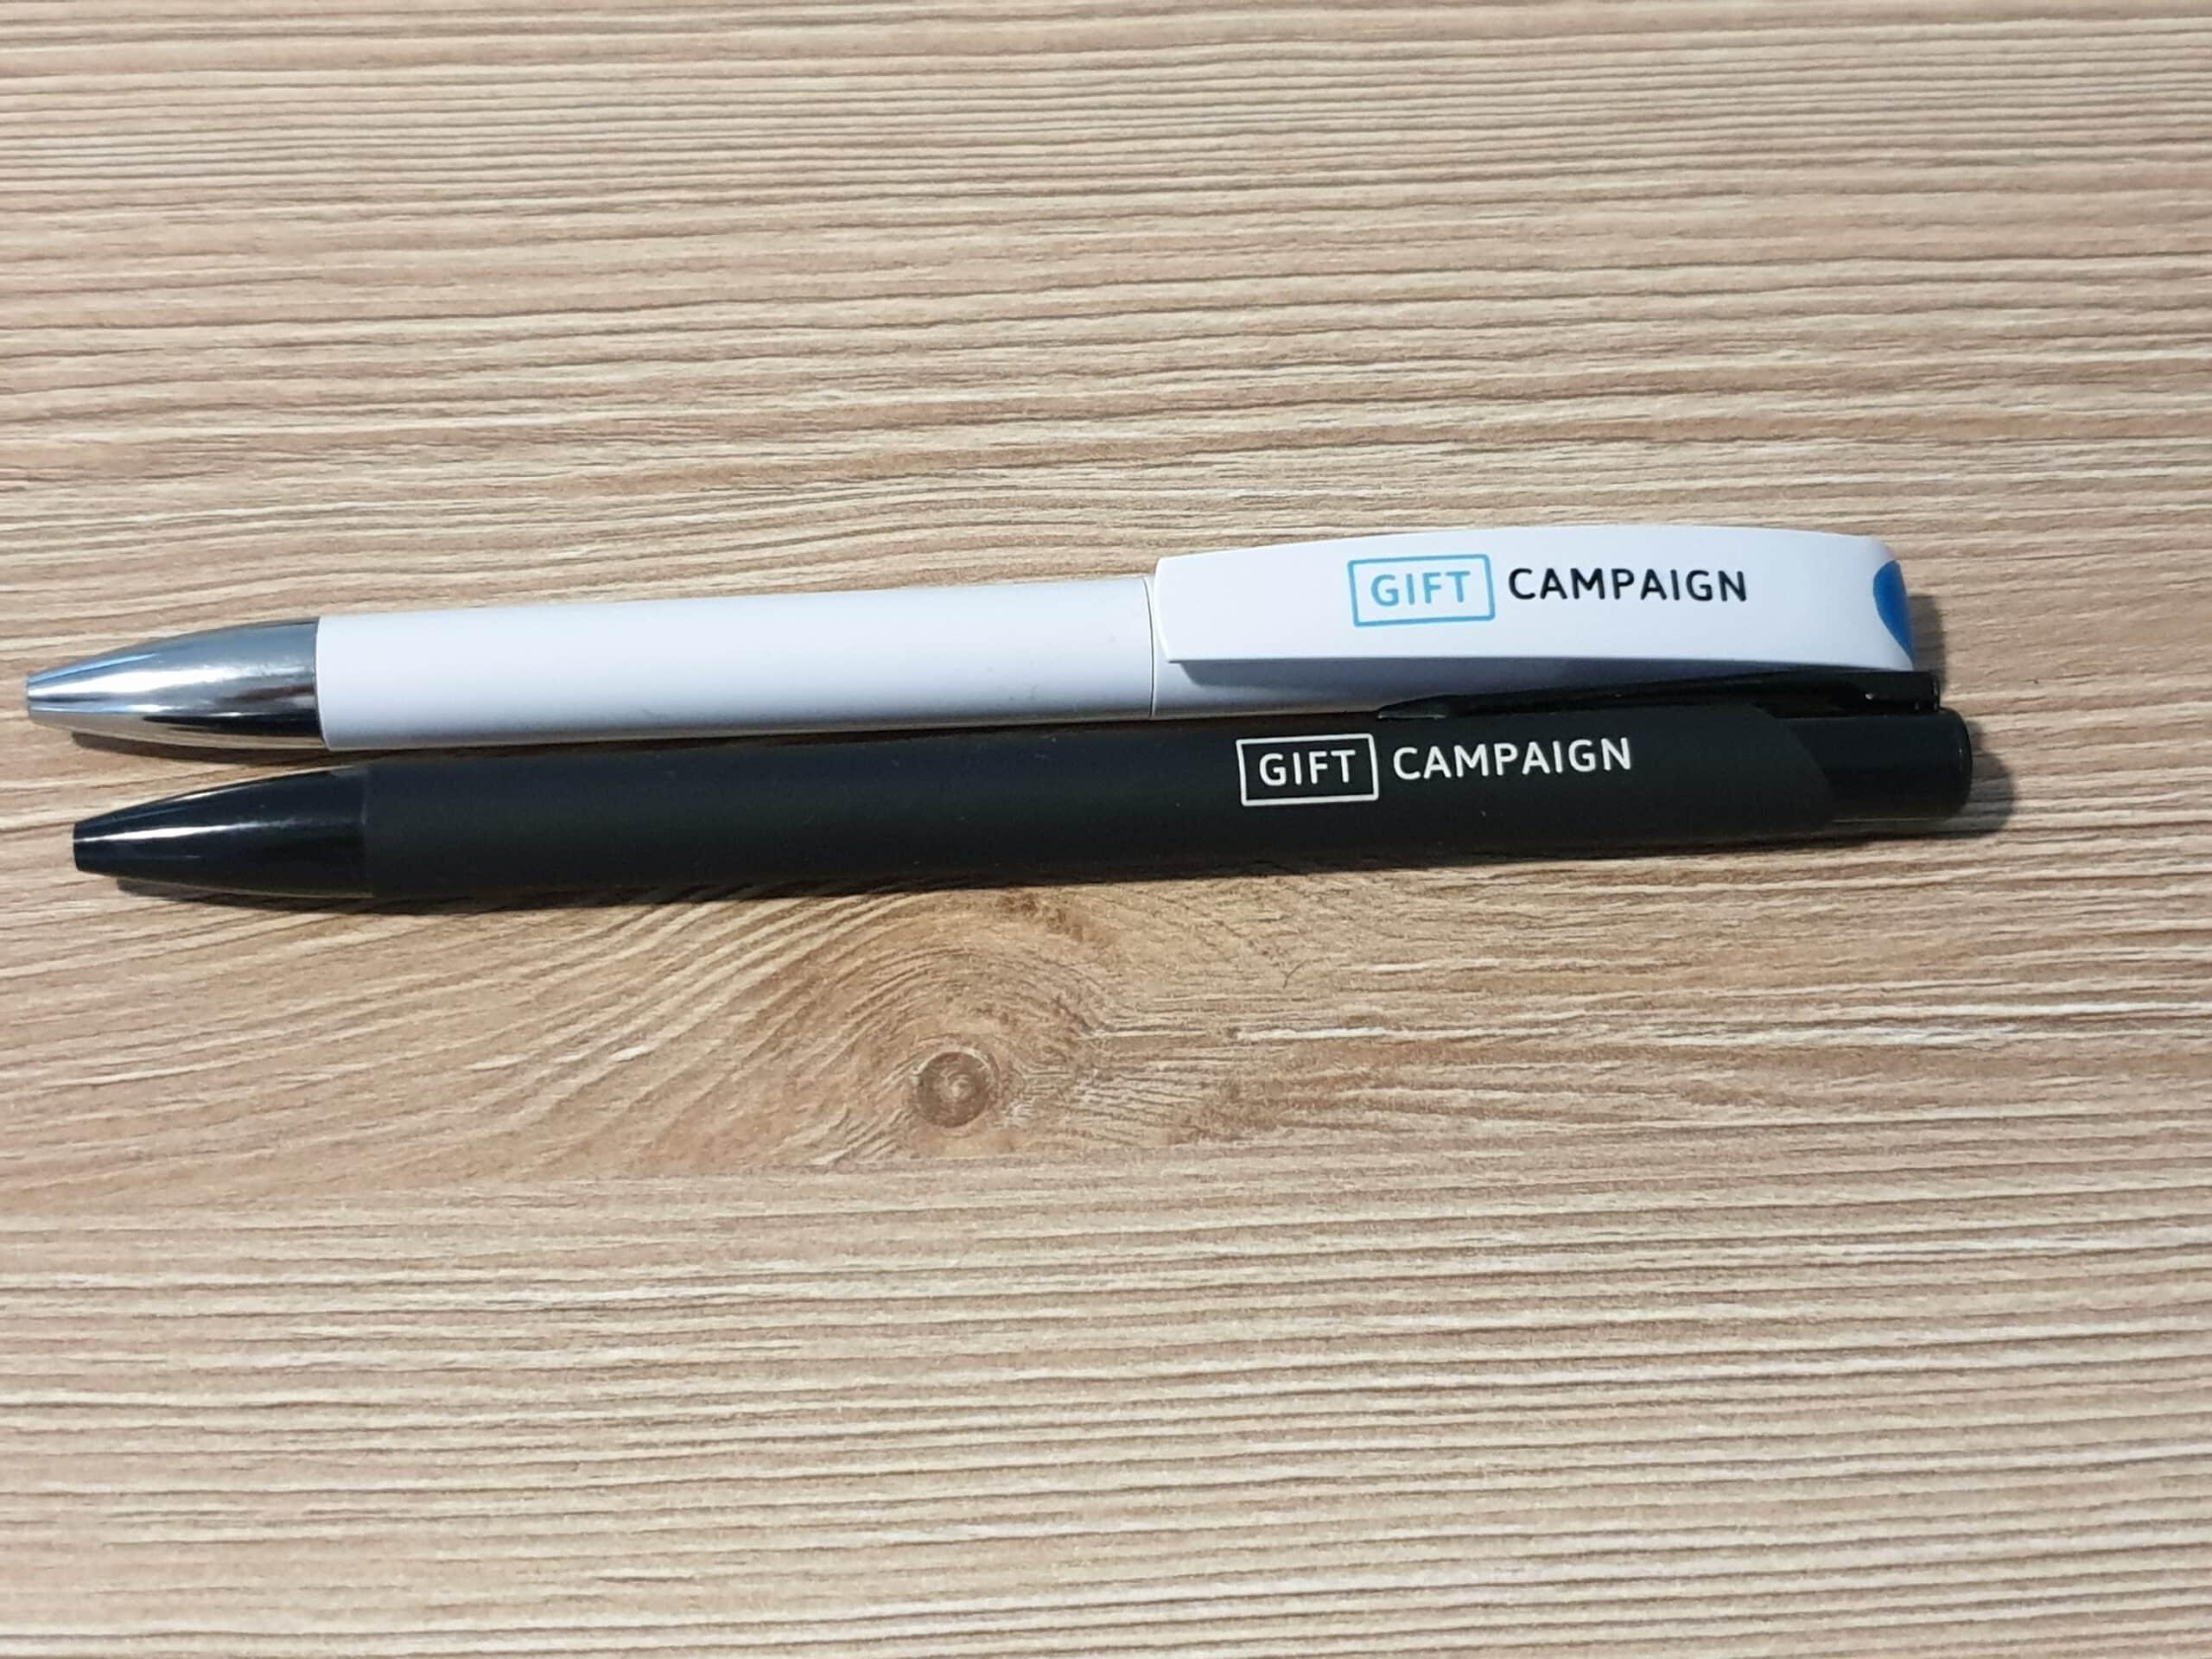 Gift Campaign: Brindes de empresa e artigos publicitários ao melhor preço!